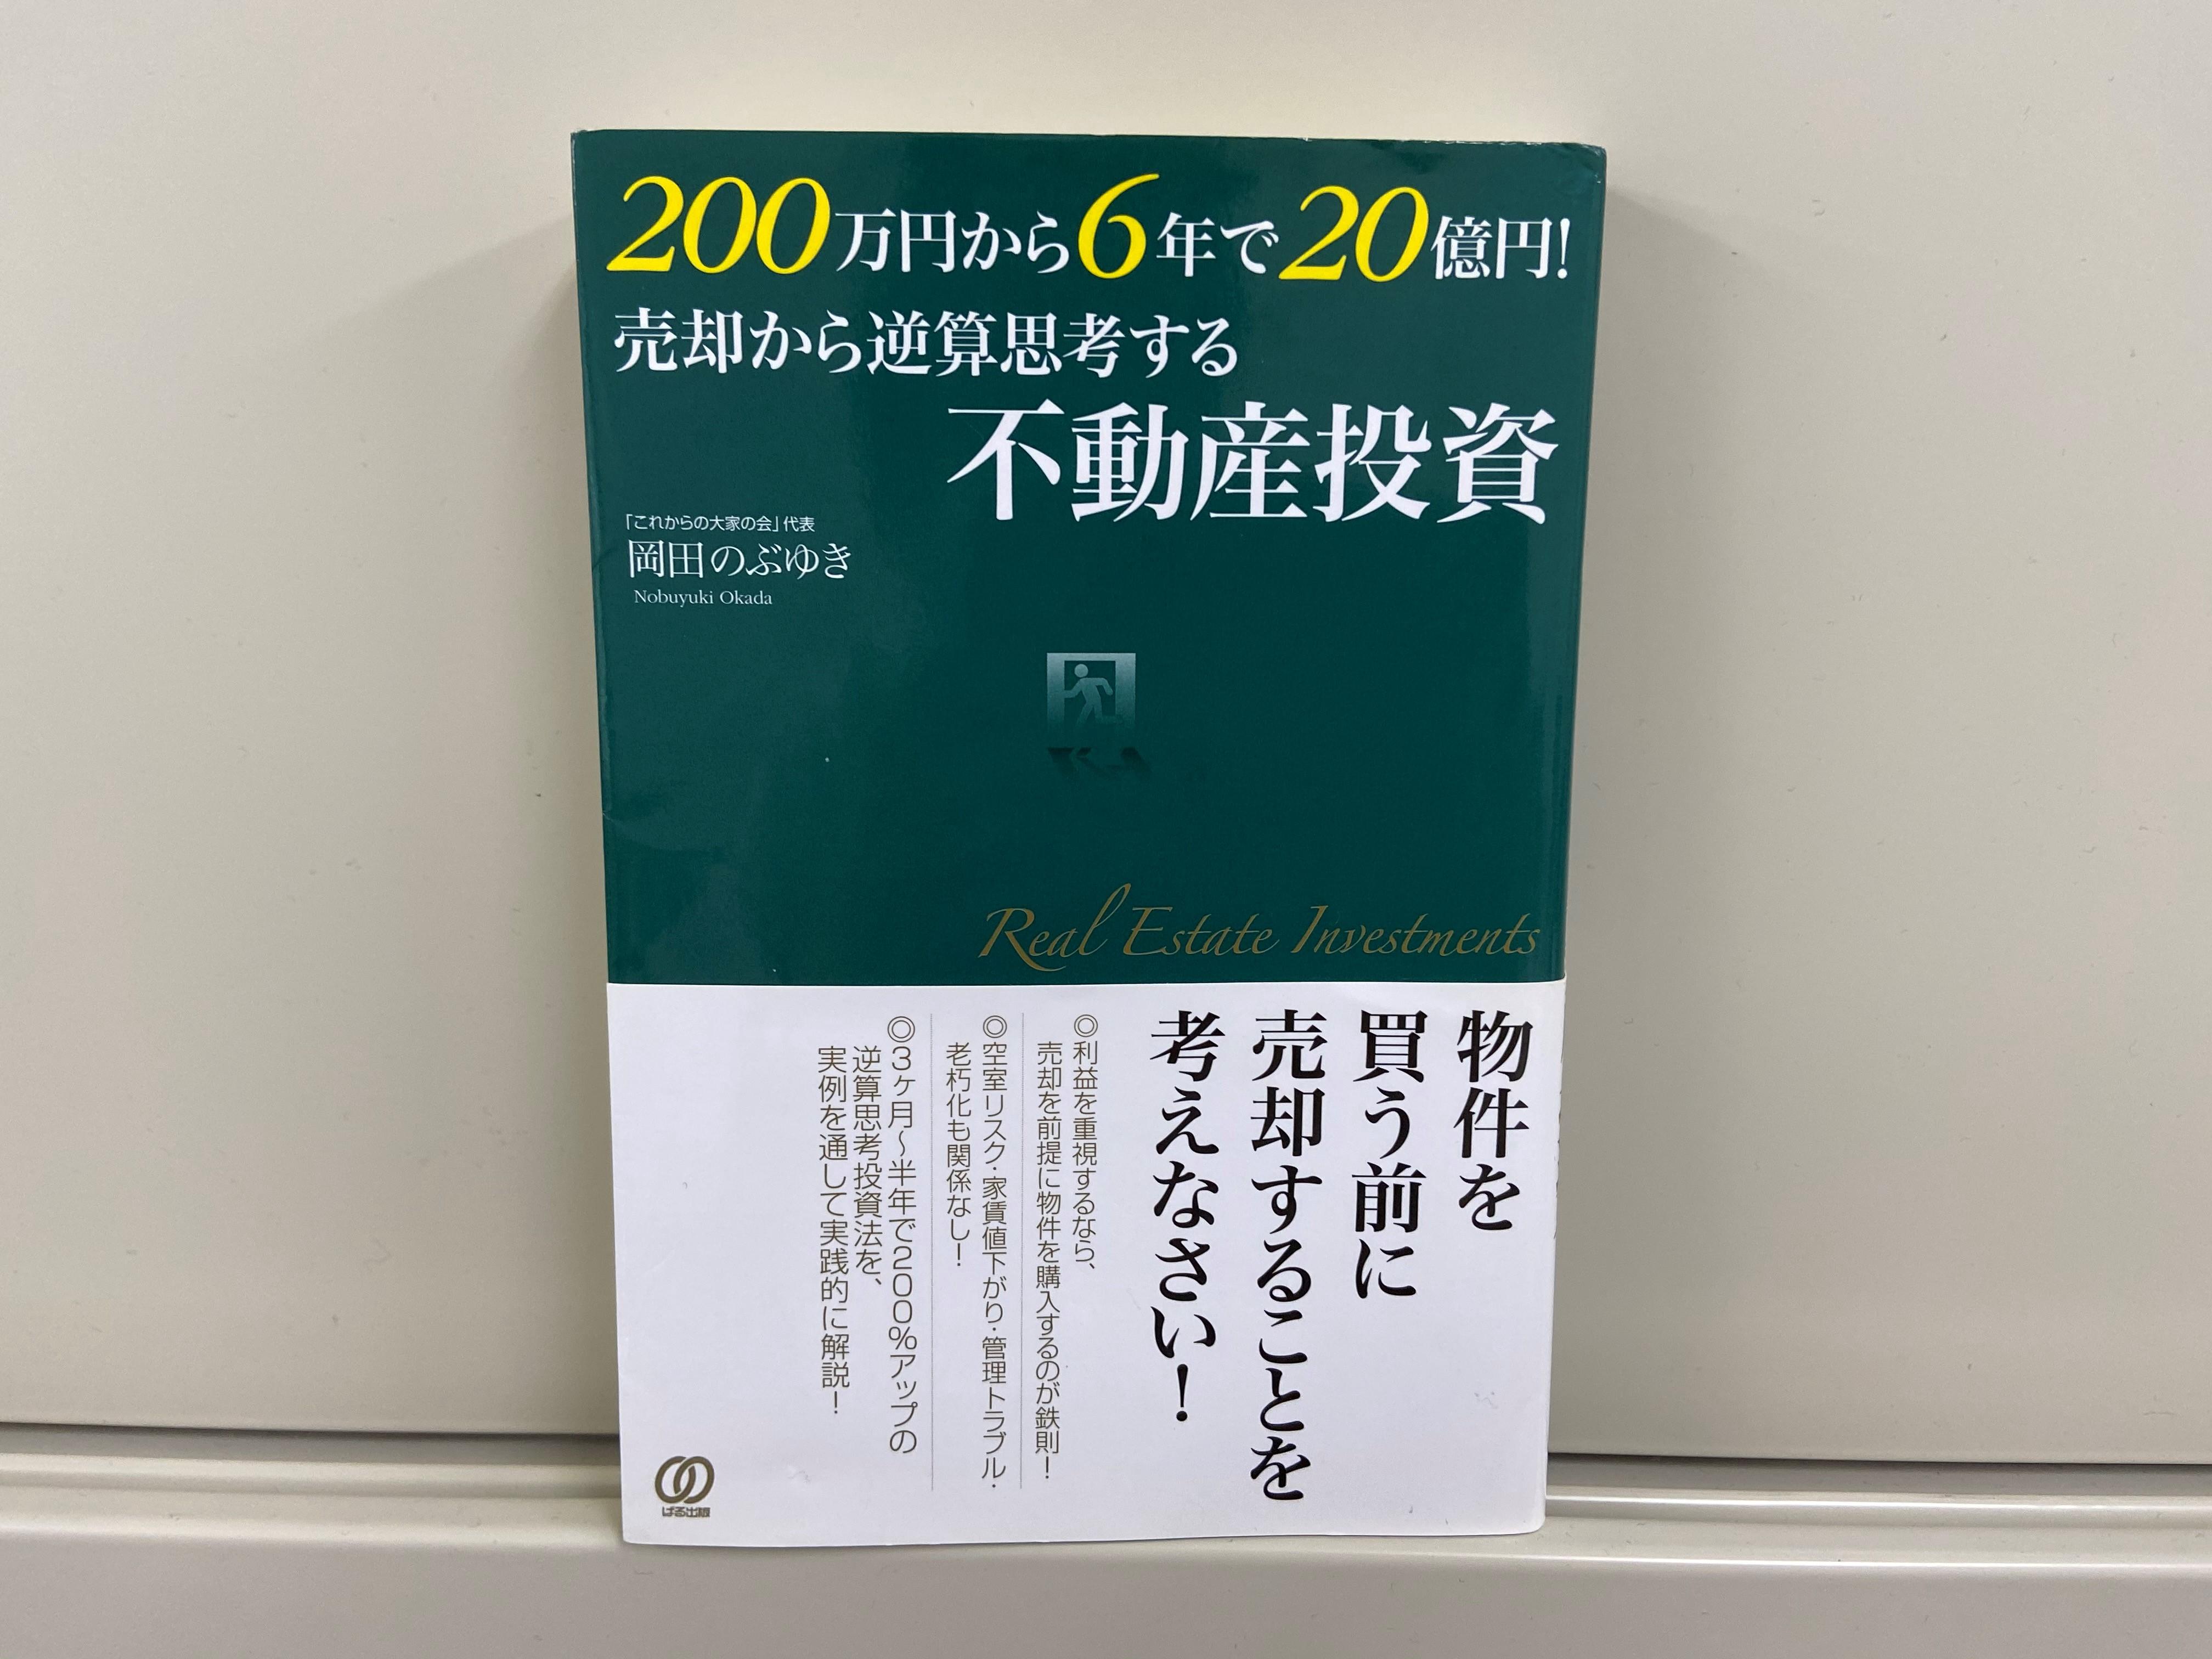 岡田のぶゆき(著)『200万円から6年で20億円!売却から逆算思考する不動産投資』